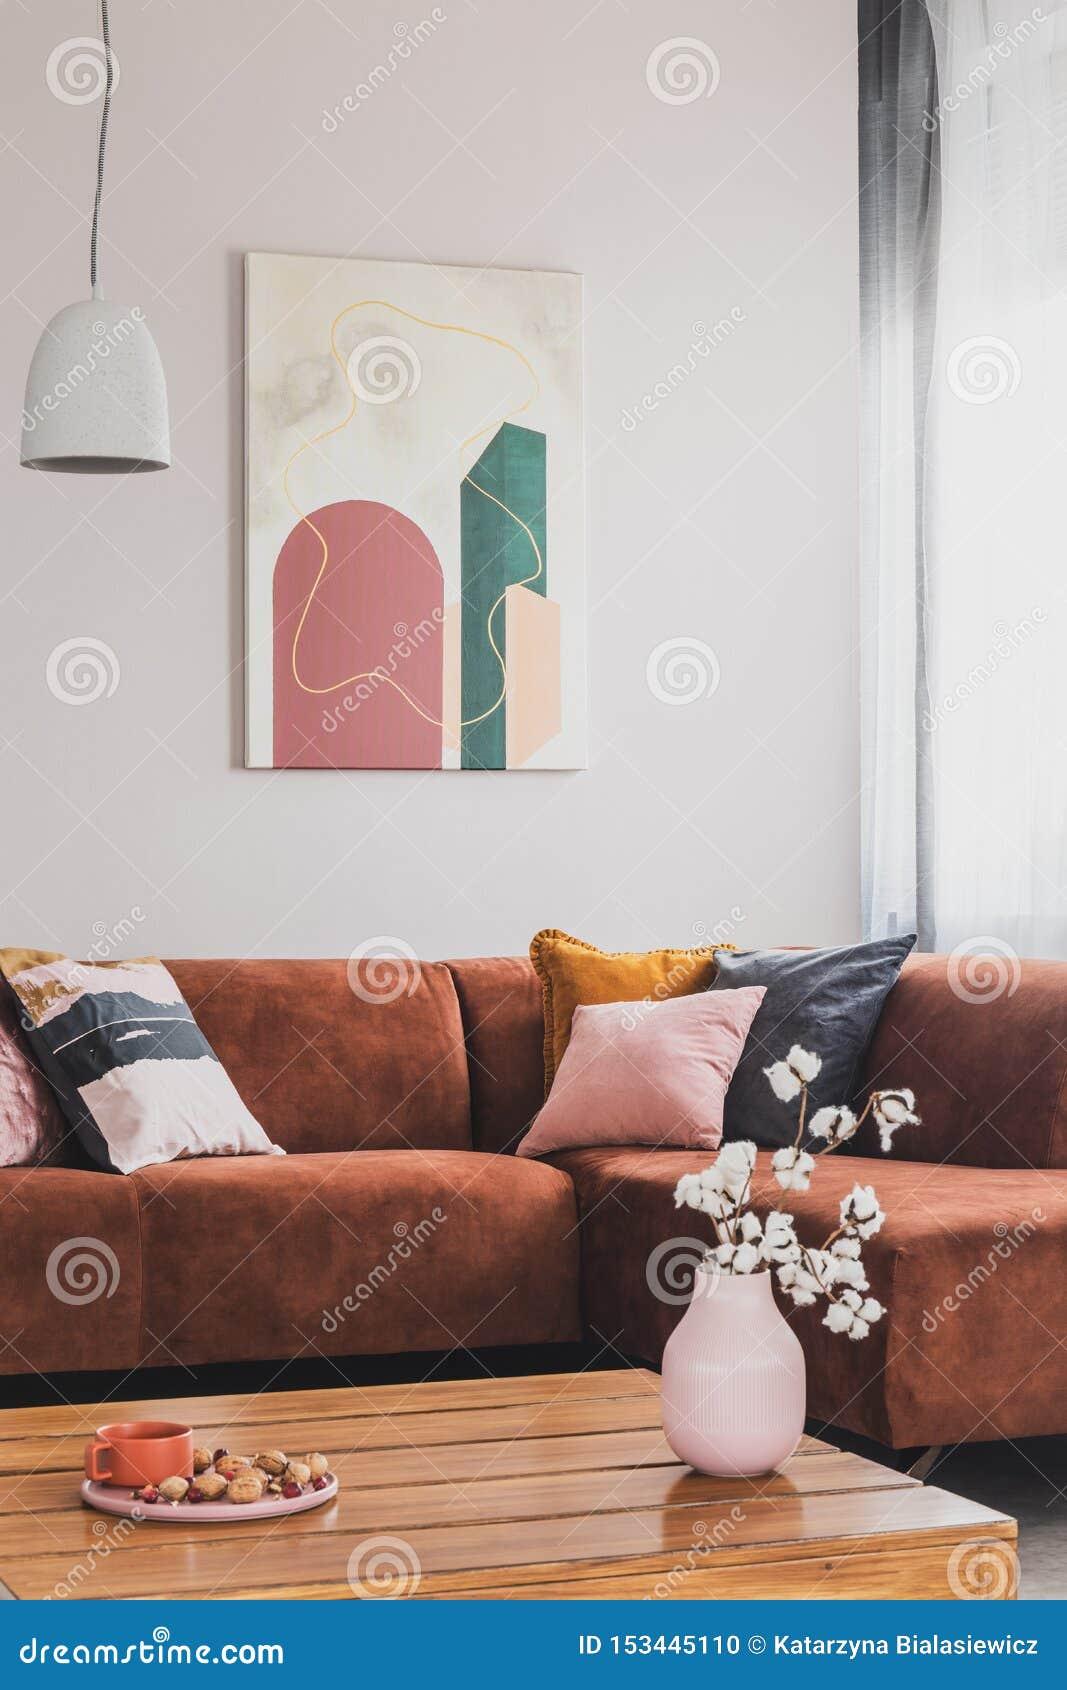 Цветки в вазе на деревянном журнальном столе в модном интерьере живущей комнаты с коричневой угловой софой с подушками и конспект